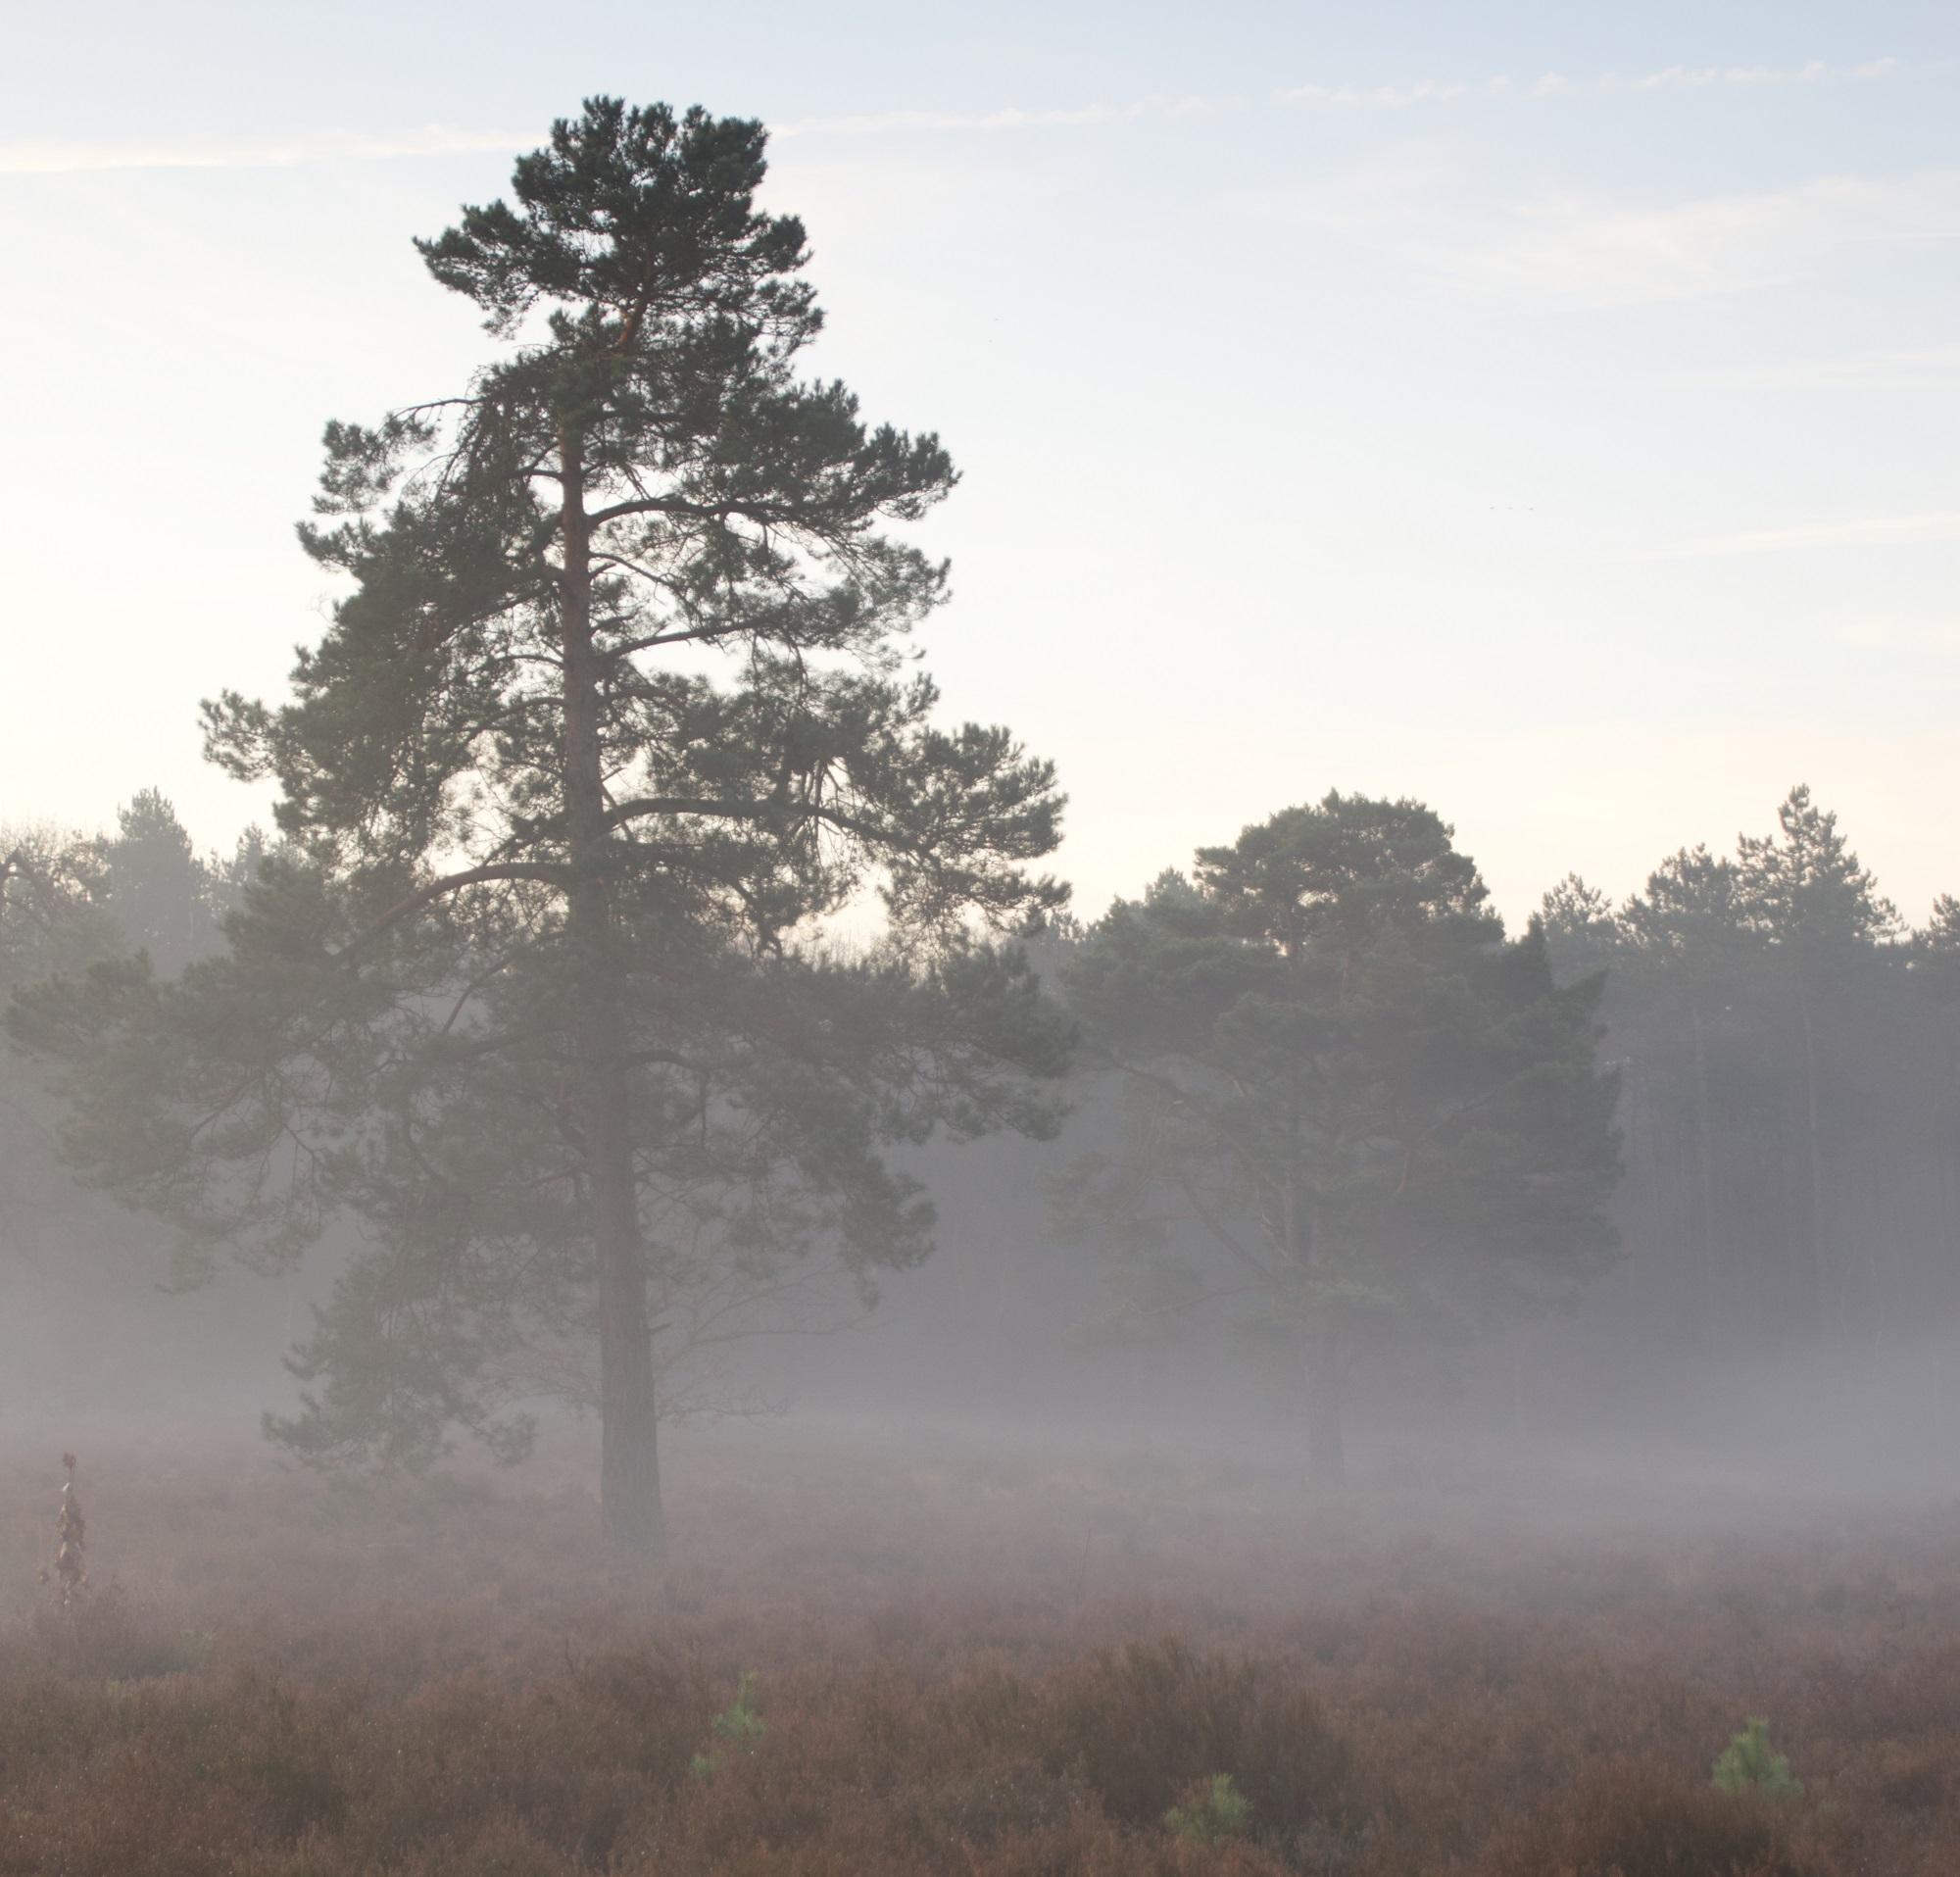 natuur bergen op zoom dauw heide boom bos mist mooi